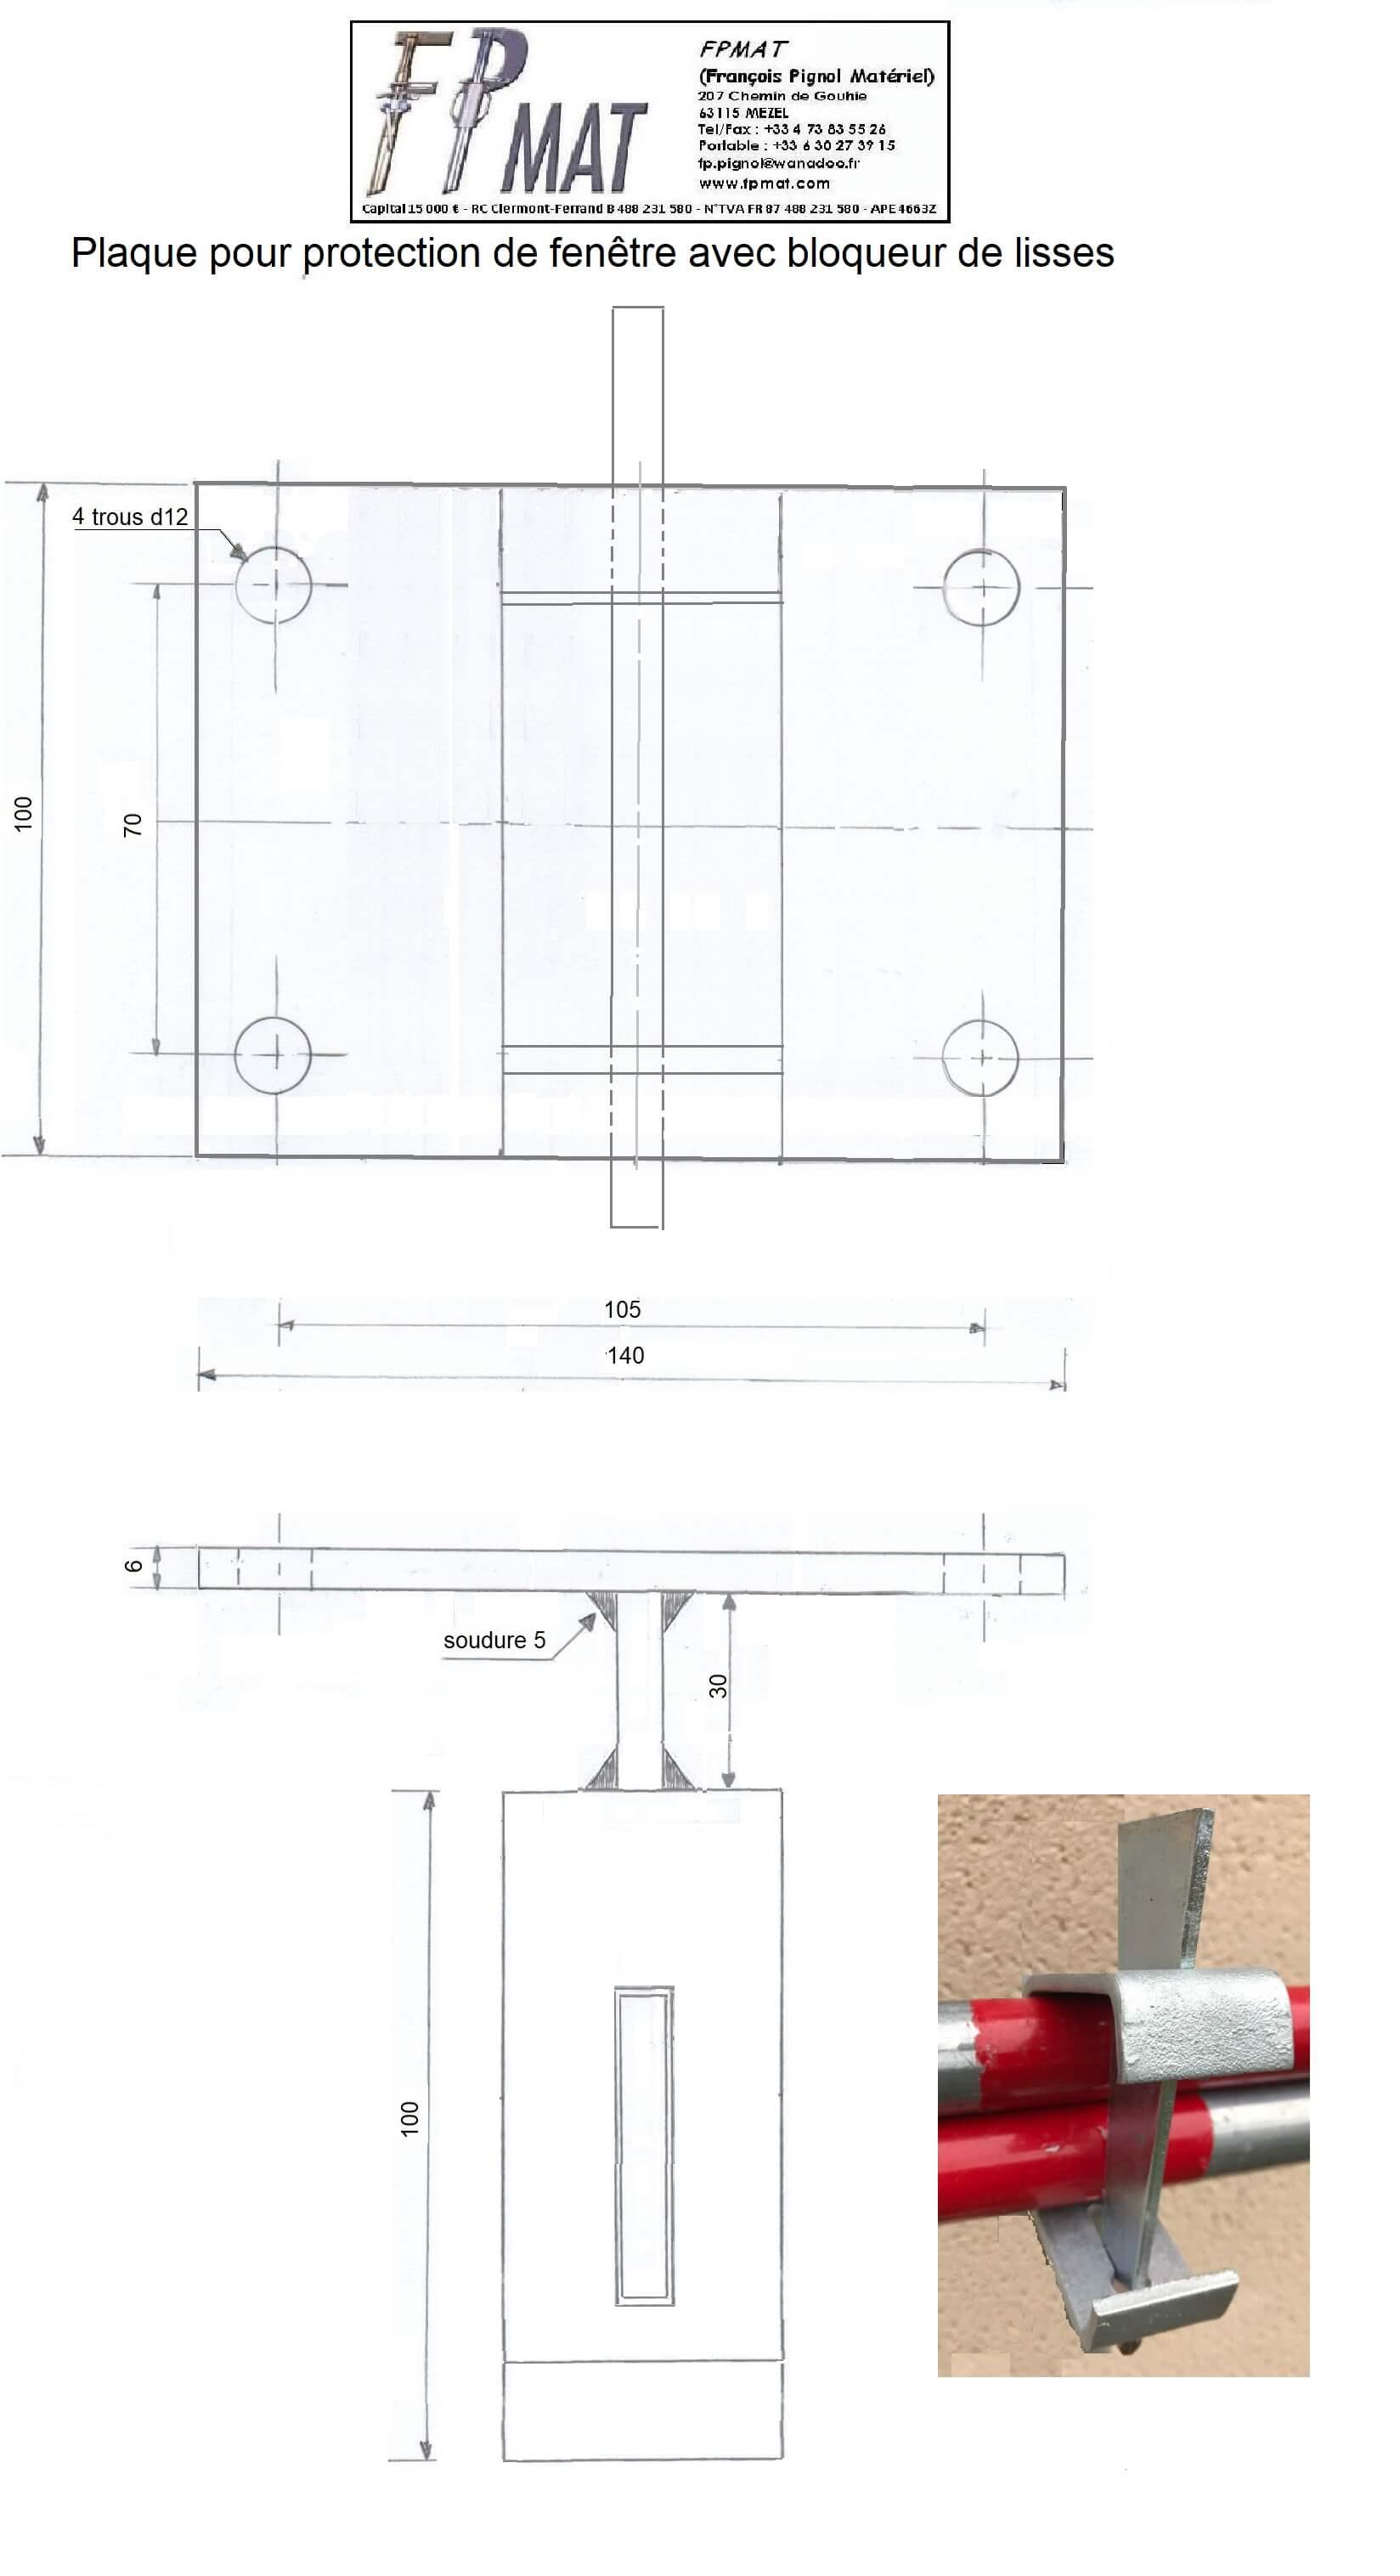 Plaque-pour-protection-fenêtre-avec-bloqueur-de-lisse-fpmat